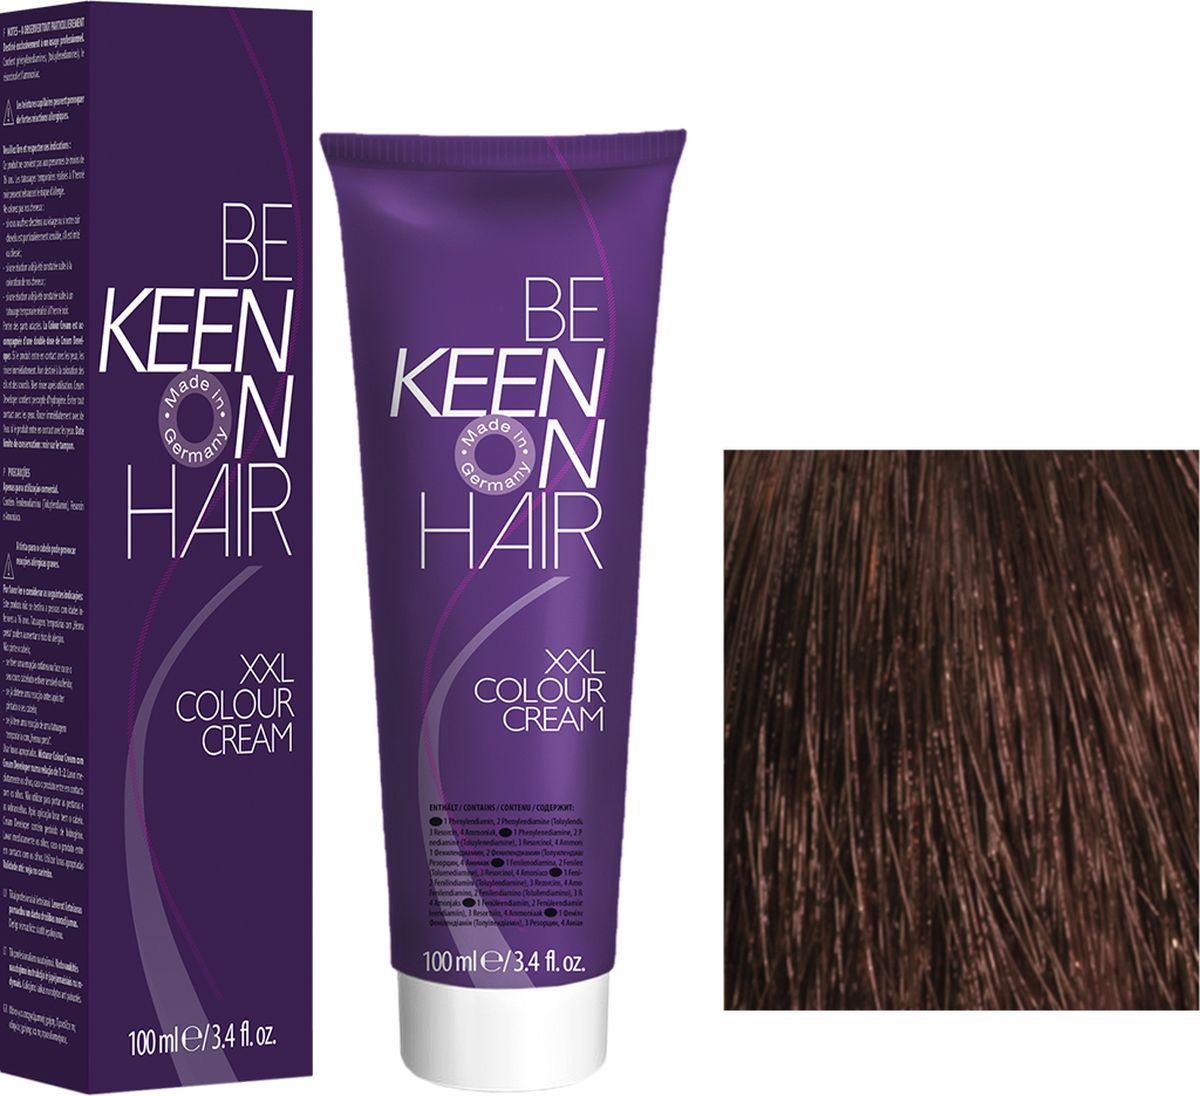 Keen Краска для волос 6.77 Кофе Kaffee, 100 мл69100052Модные оттенкиБолее 100 оттенков для креативной комбинации цветов.ЭкономичностьПри использовании тюбика 100 мл вы получаете оптимальное соотношение цены и качества!УходМолочный белок поддерживает структуру волоса во время окрашивания и придает волосам блеск и шелковистость. Протеины хорошо встраиваются в волосы и снабжают их влагой.